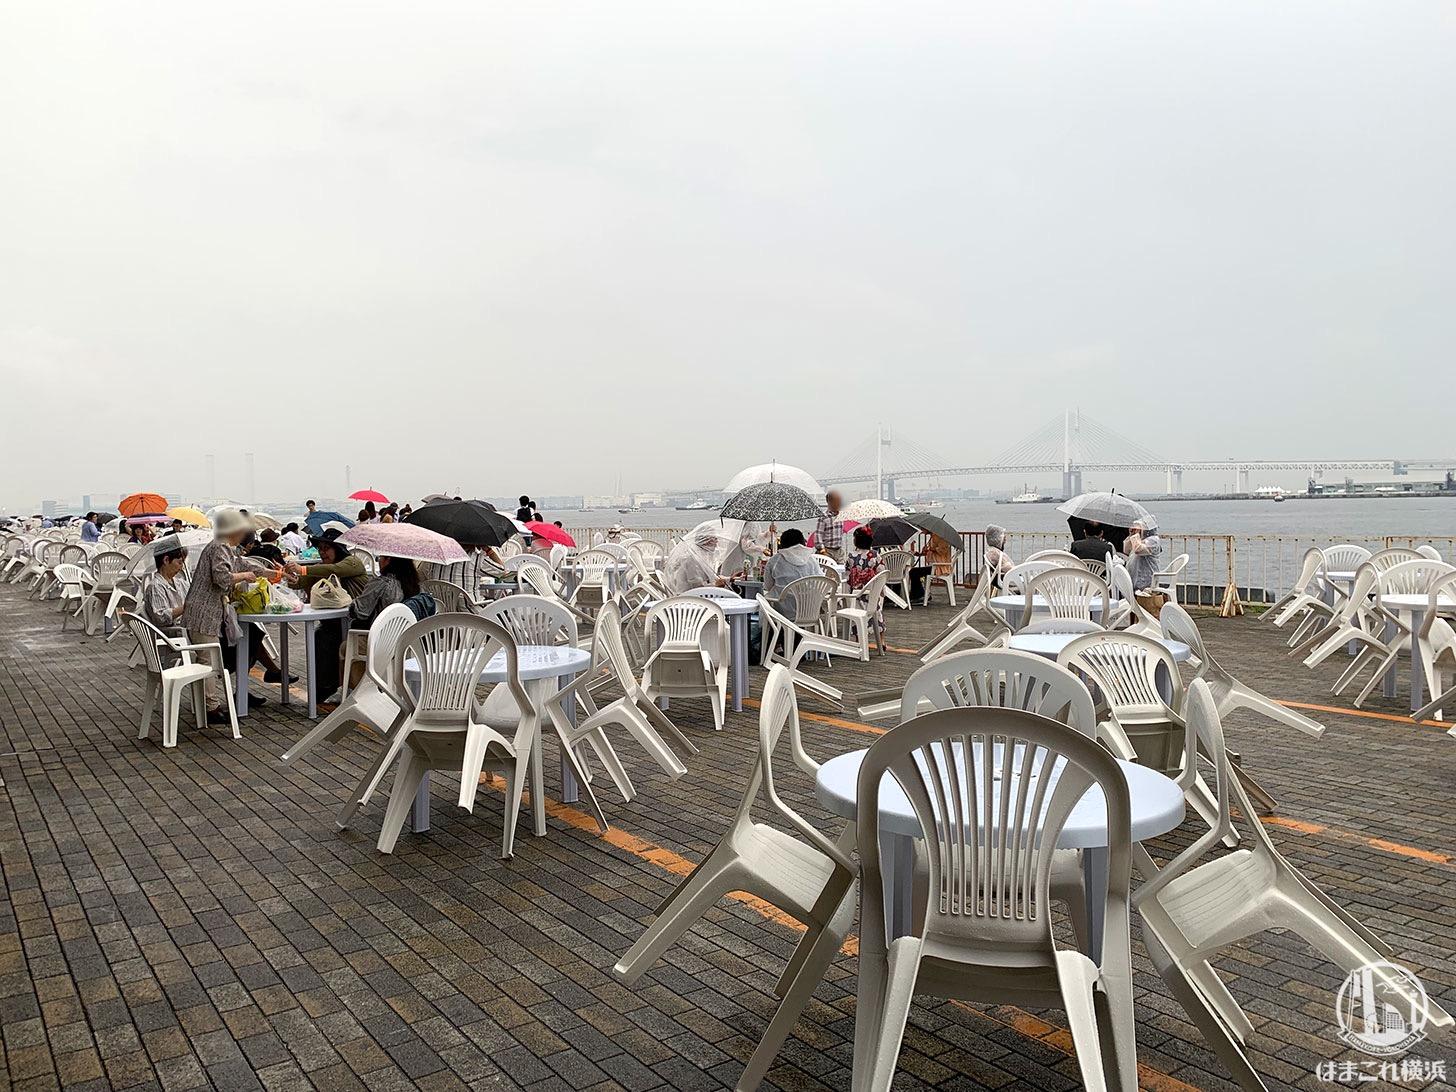 横浜スパークリングトワイライト 大さん橋 テーブル席